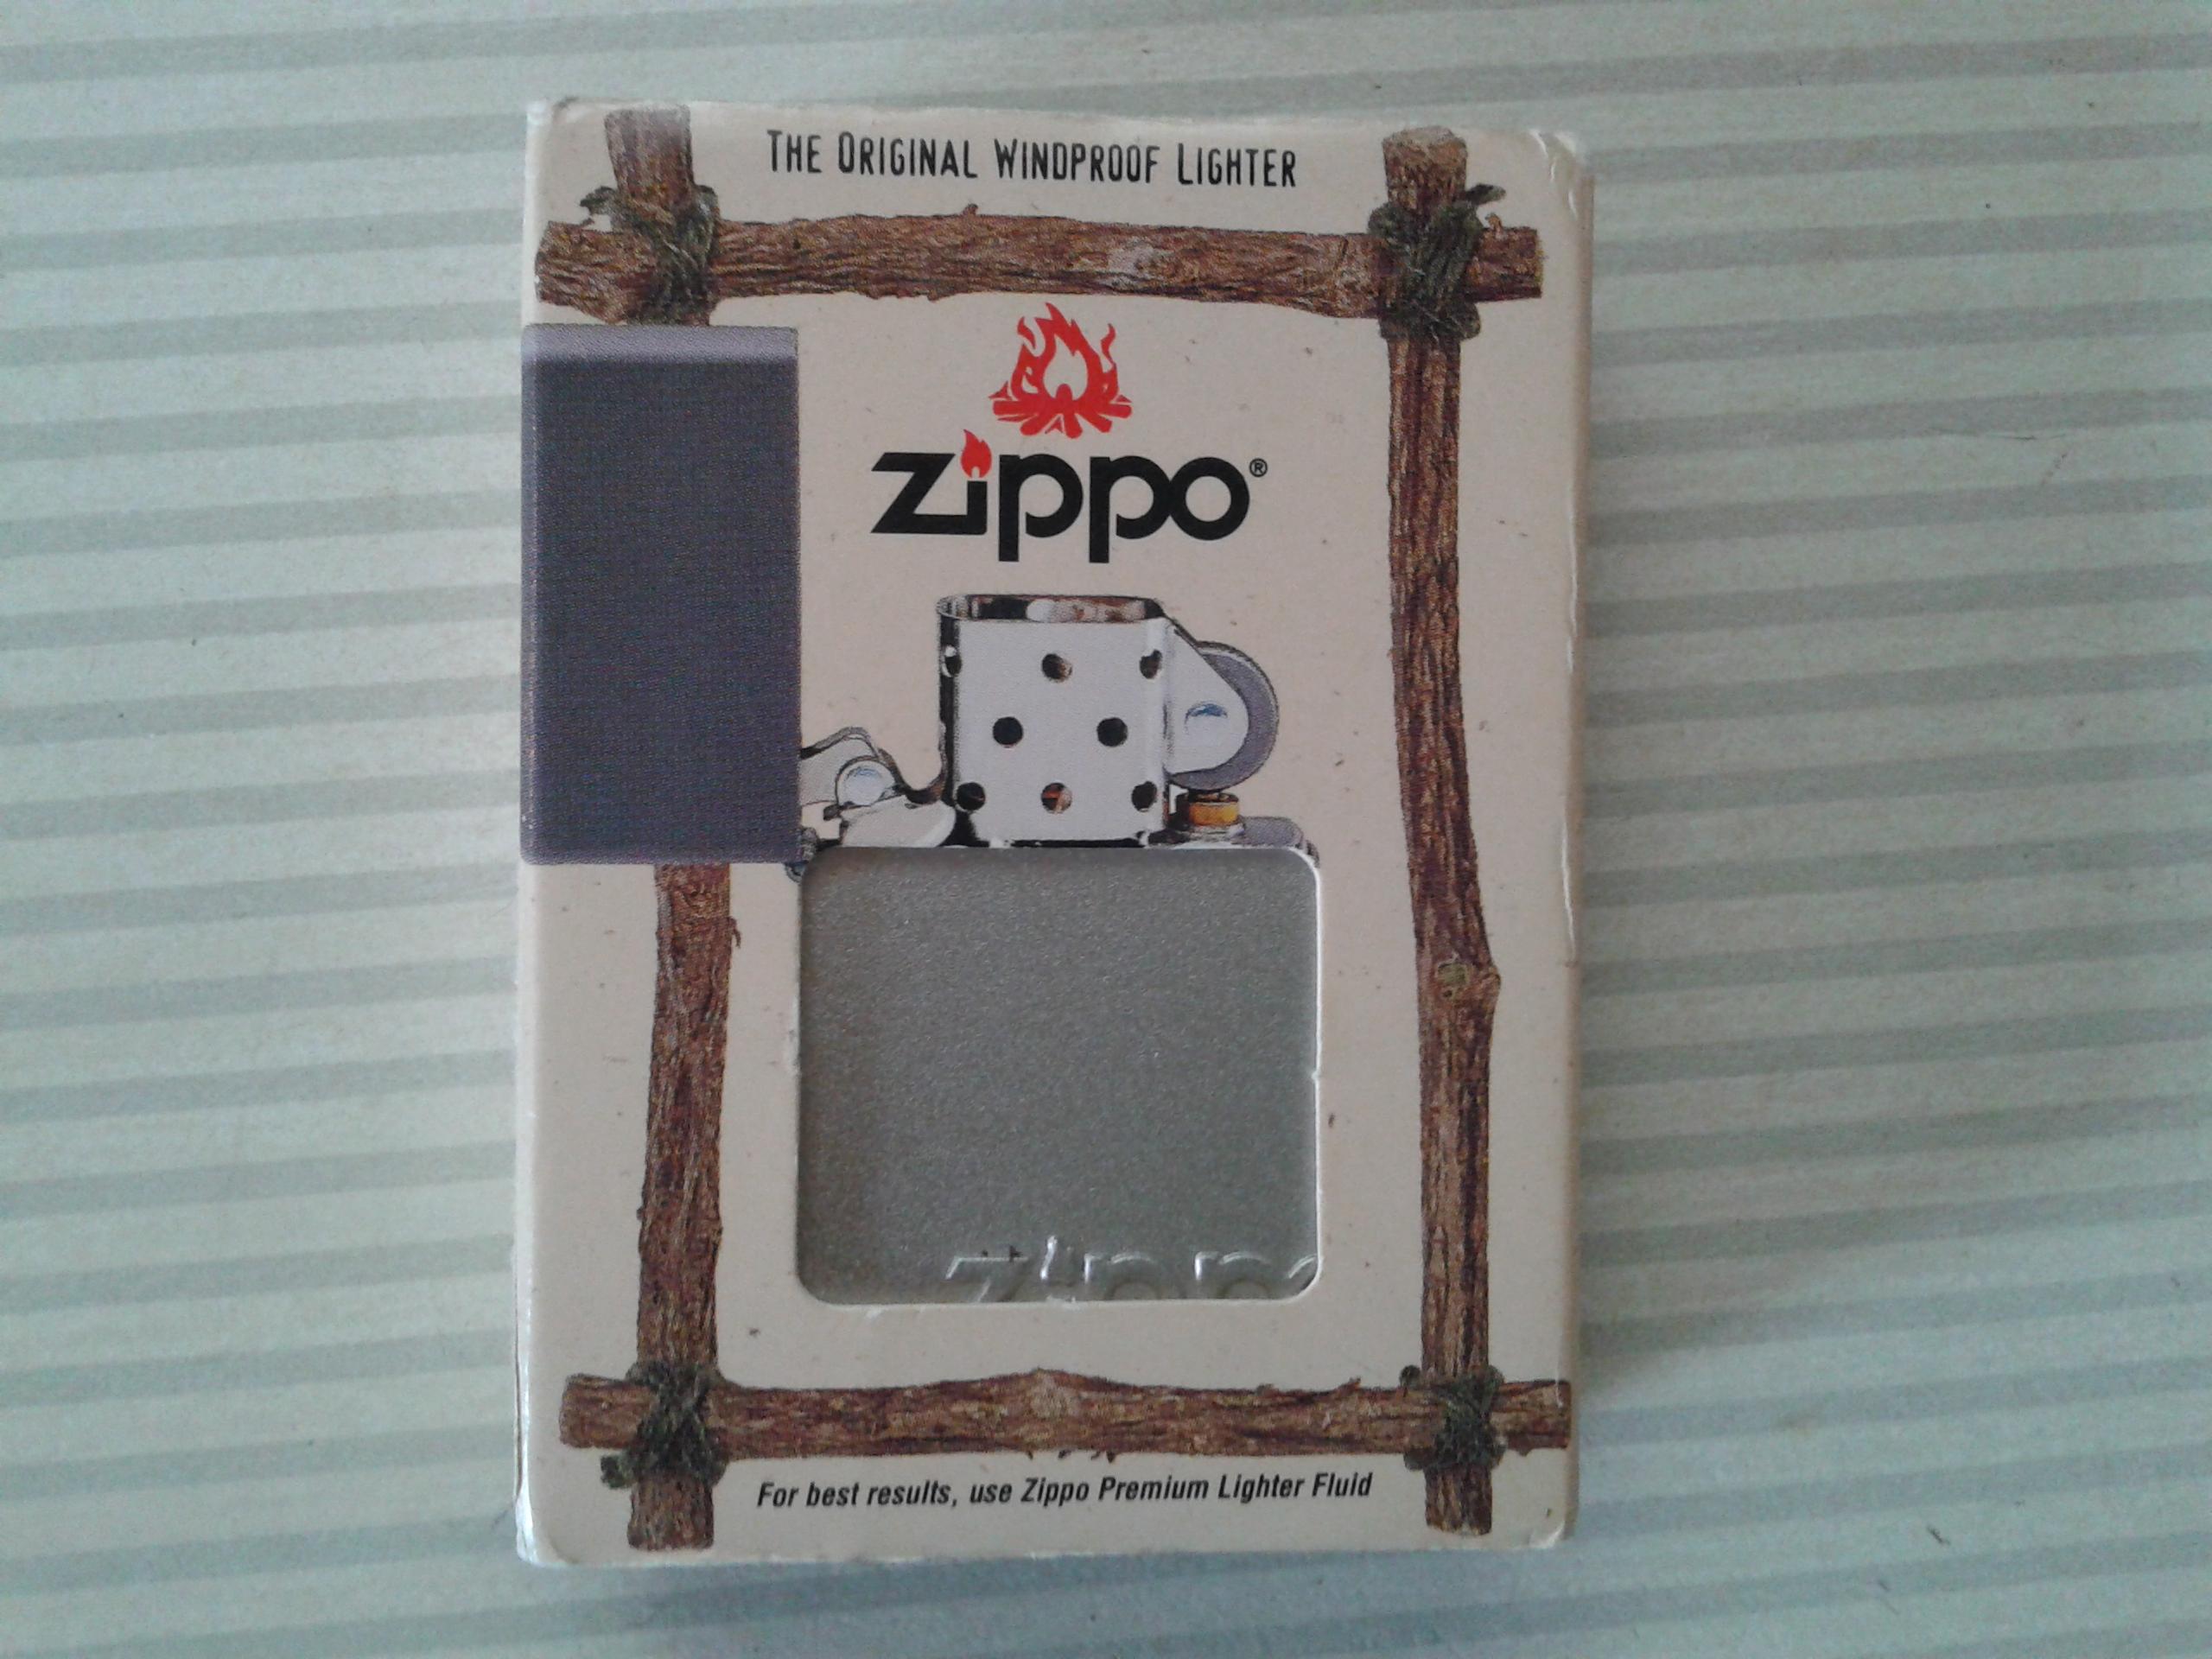 Les boites Zippo au fil du temps - Page 2 315248Windproof1